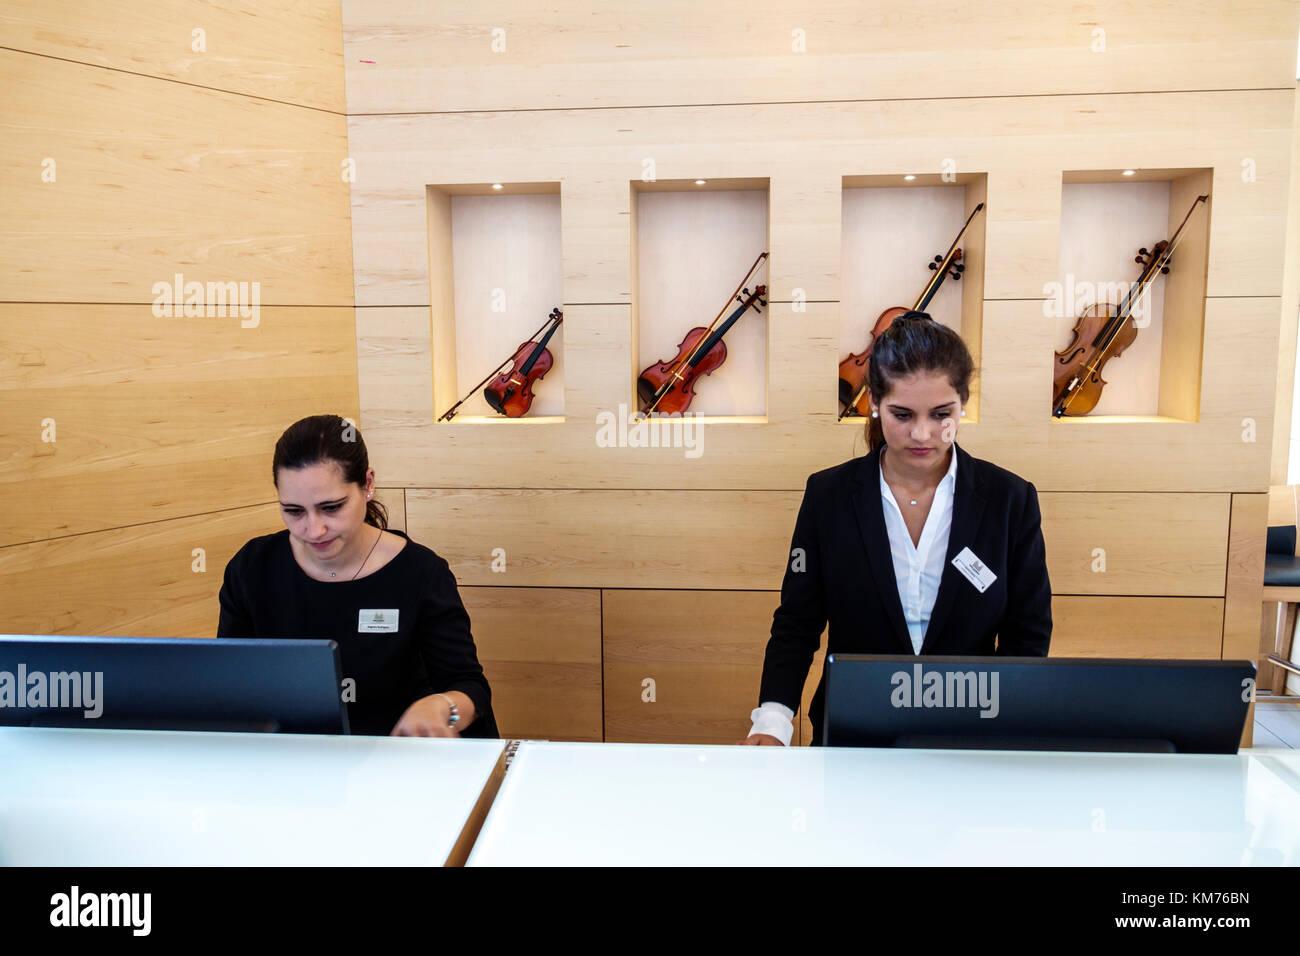 Ausgezeichnet Hotel Rezeption Mitarbeiter Wieder Aufnehmen Galerie ...